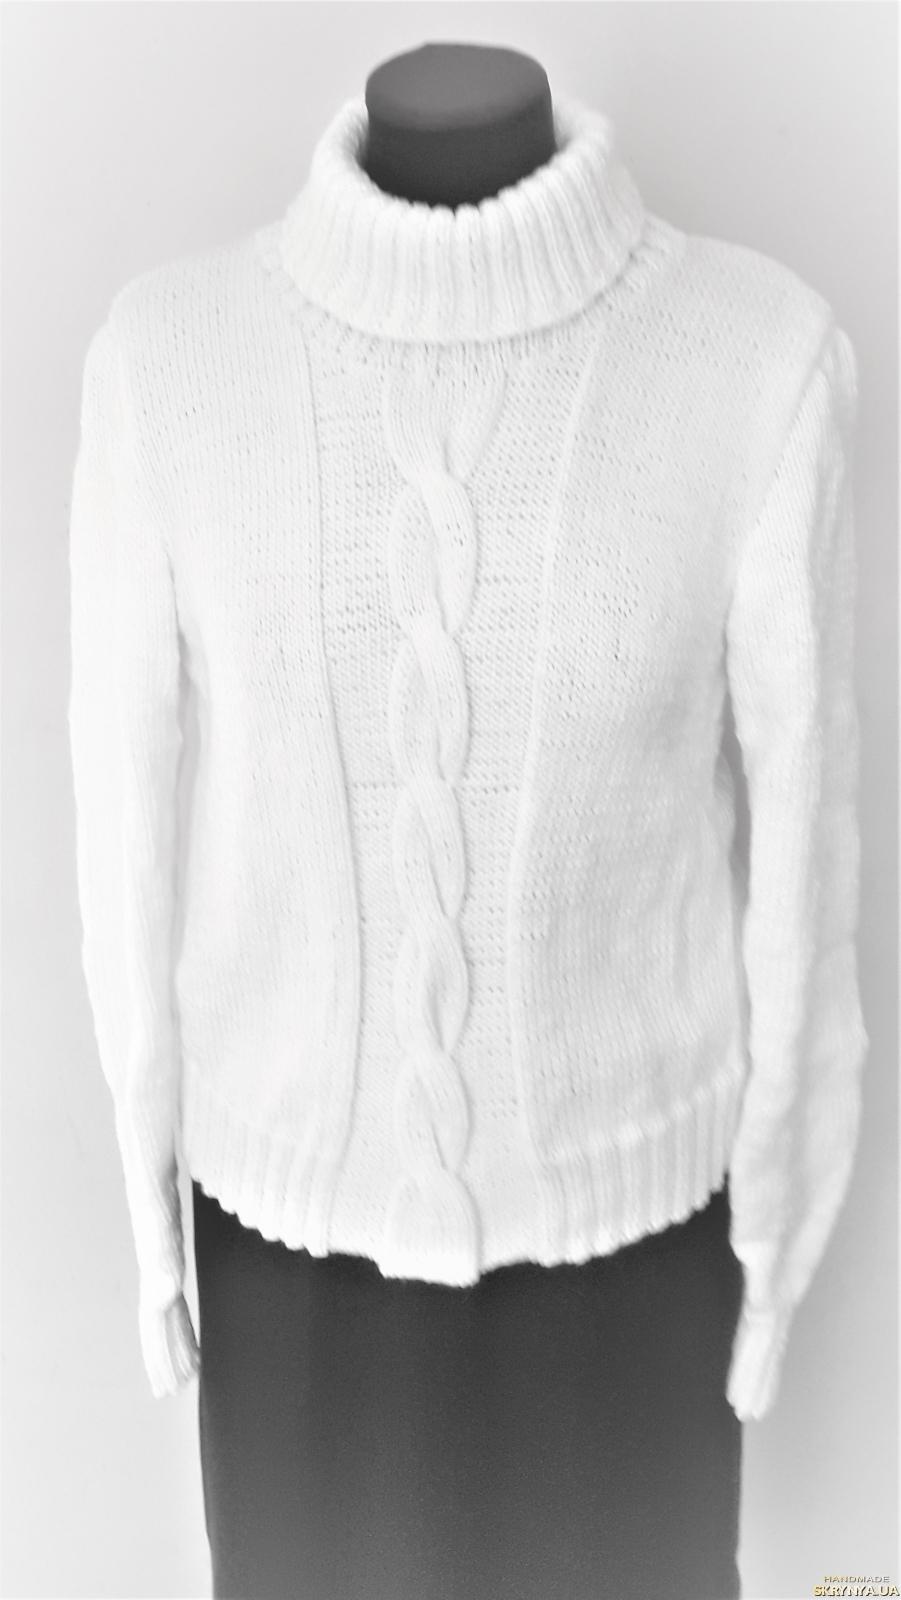 pictured here Теплый, женский, стильный свитер вязанный белого цвета, размер 44-46